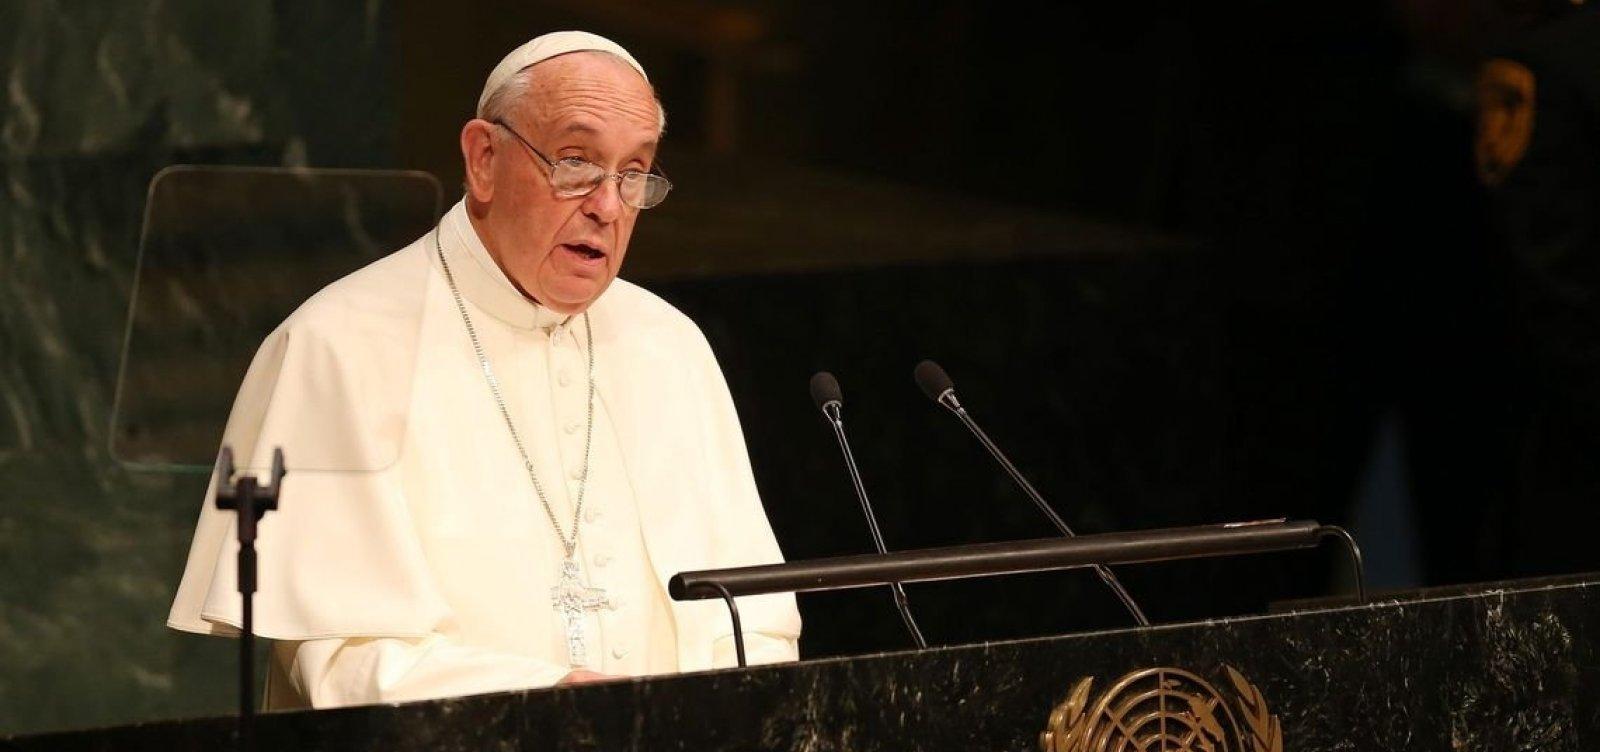 [Papa afirma que pessoas que rejeitam homossexuais 'não tem coração humano']